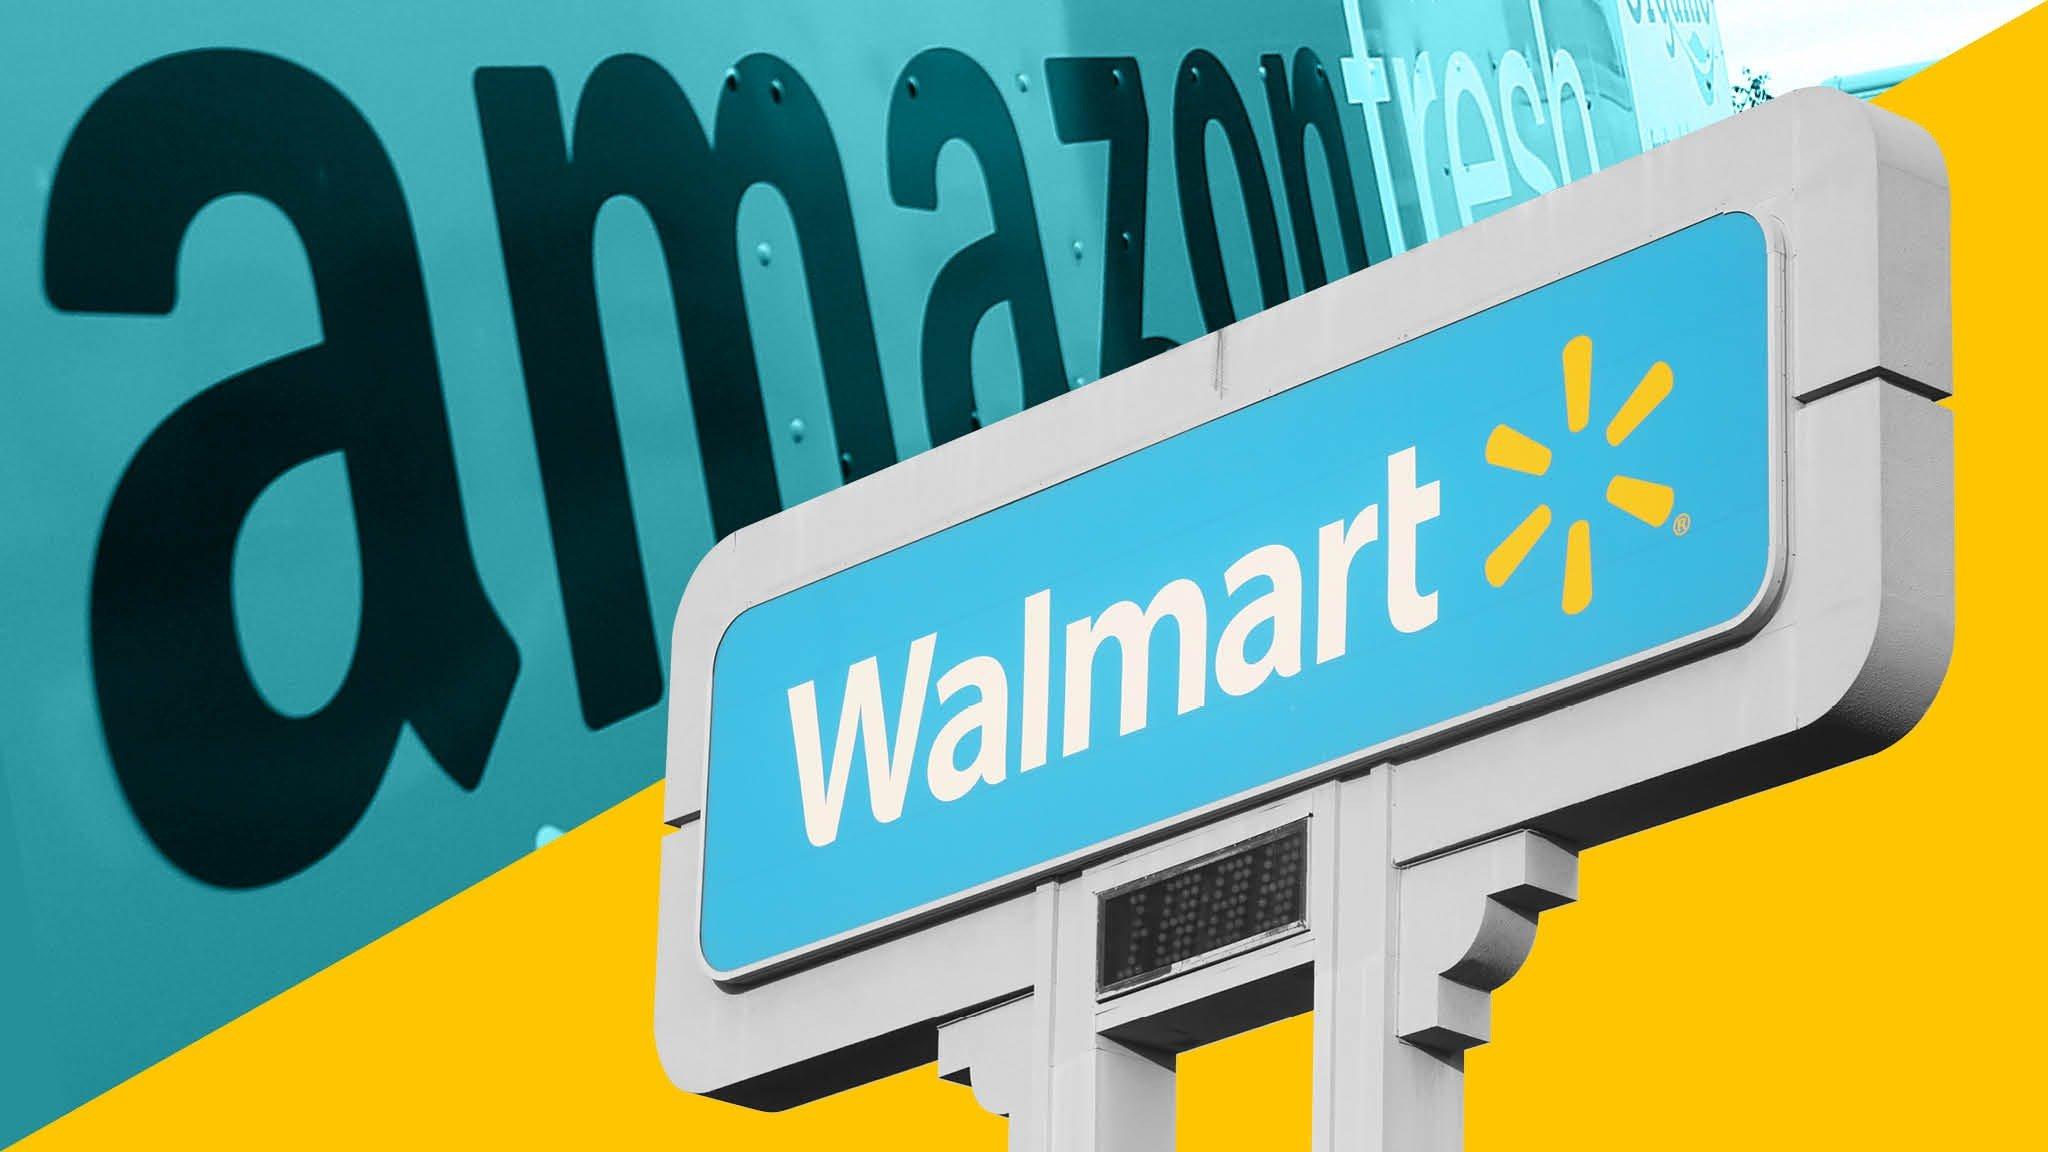 جیپی مورگان: آمازون با عبور از والمارت، بزرگترین خردهفروشی آمریکا میشود